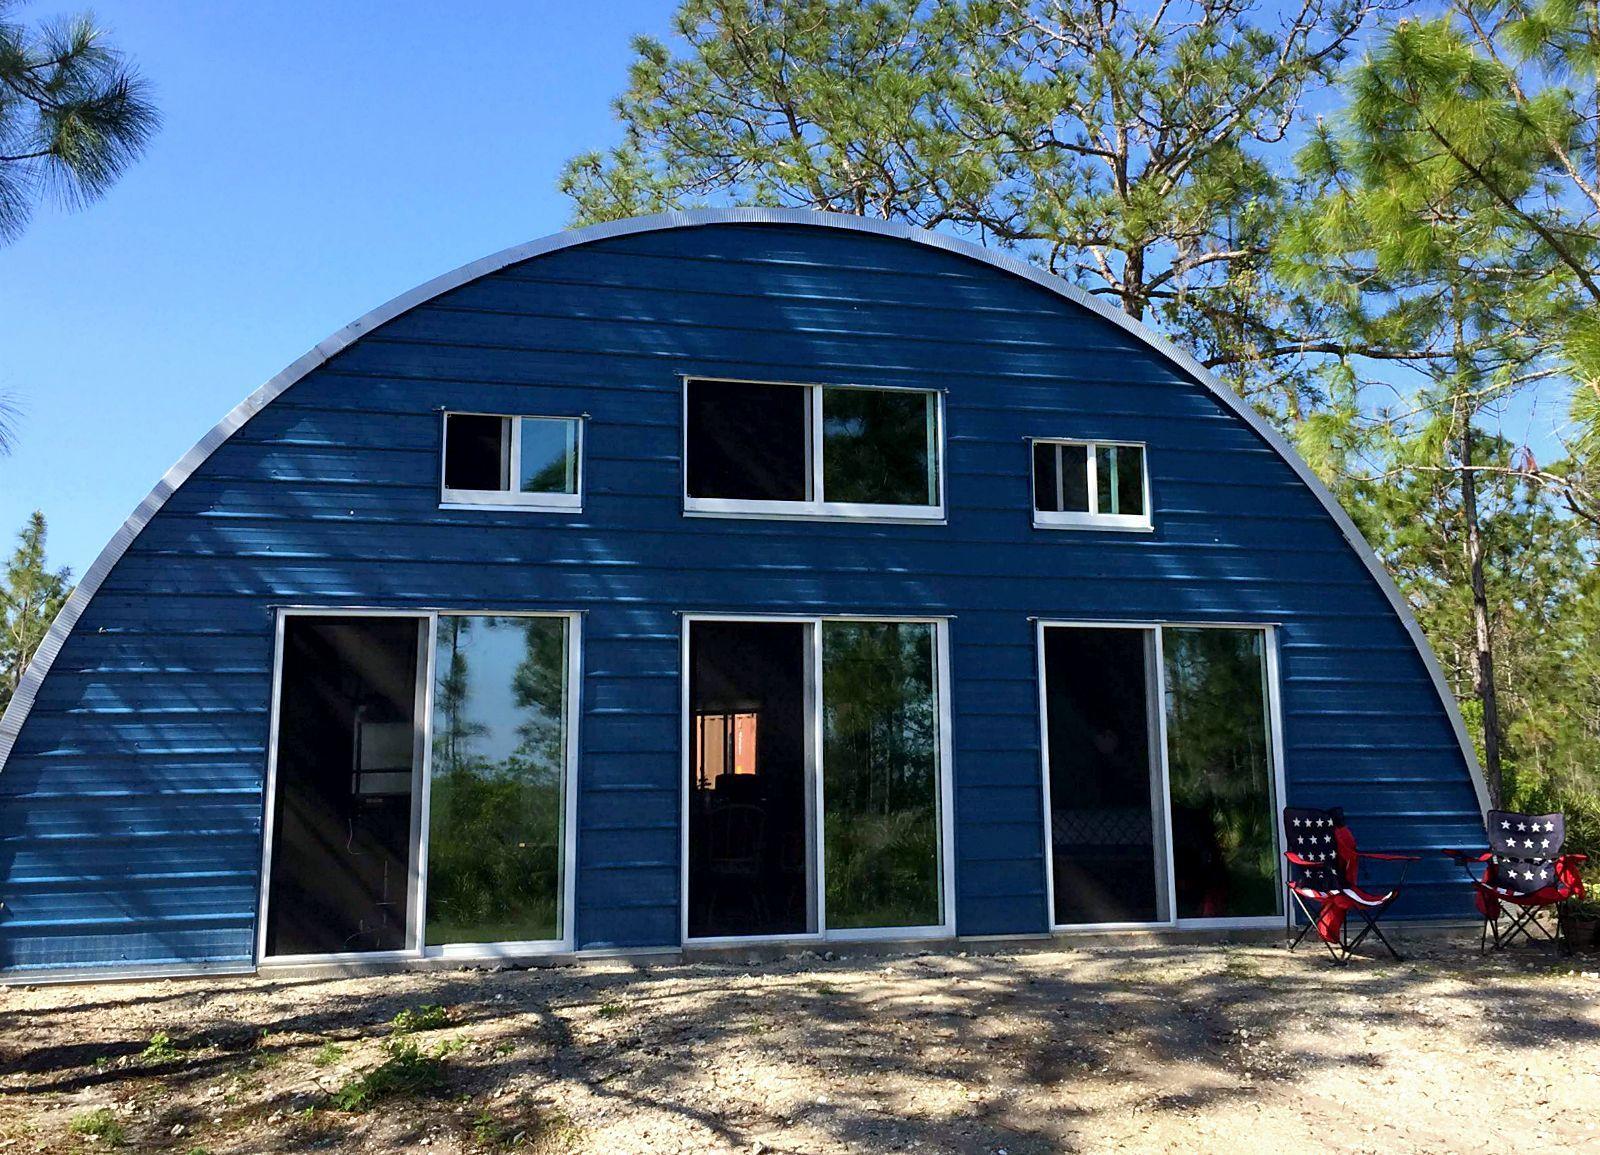 27 Unique Quonset Hut Homes For